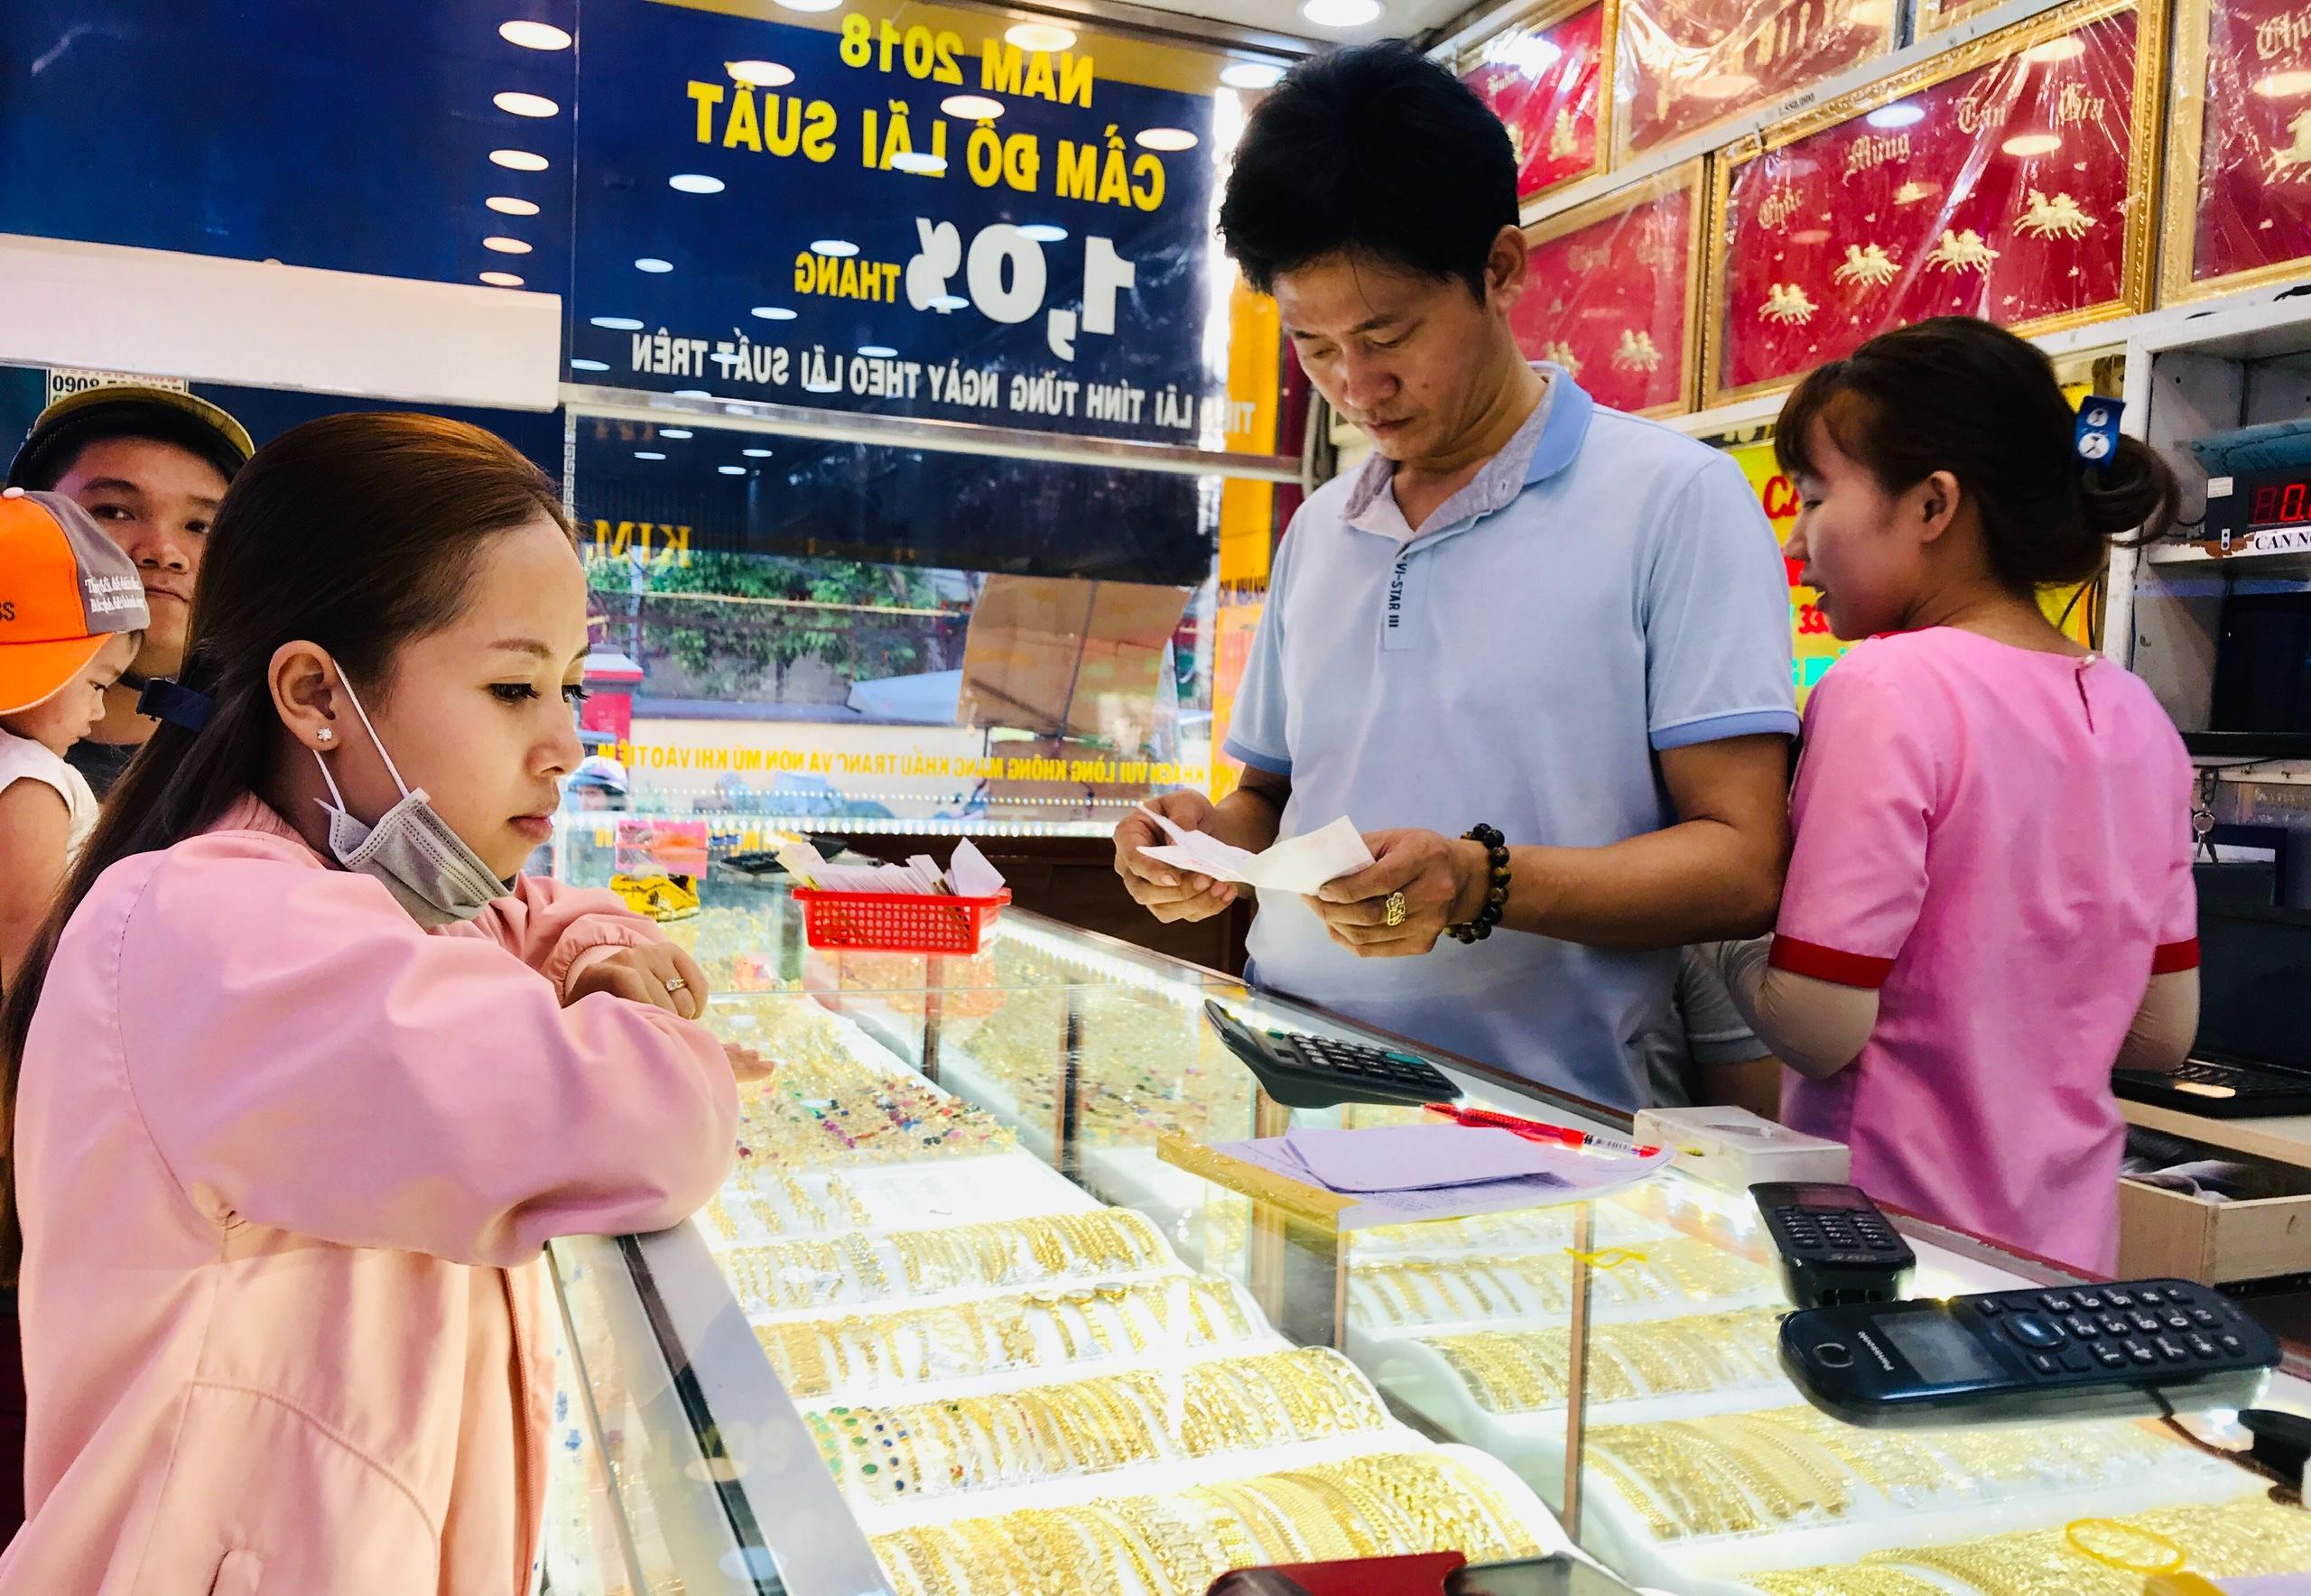 Chênh lệch mua - bán cả triệu đồng, đầu tư vào vàng có kịp hưởng lợi? - Ảnh 3.